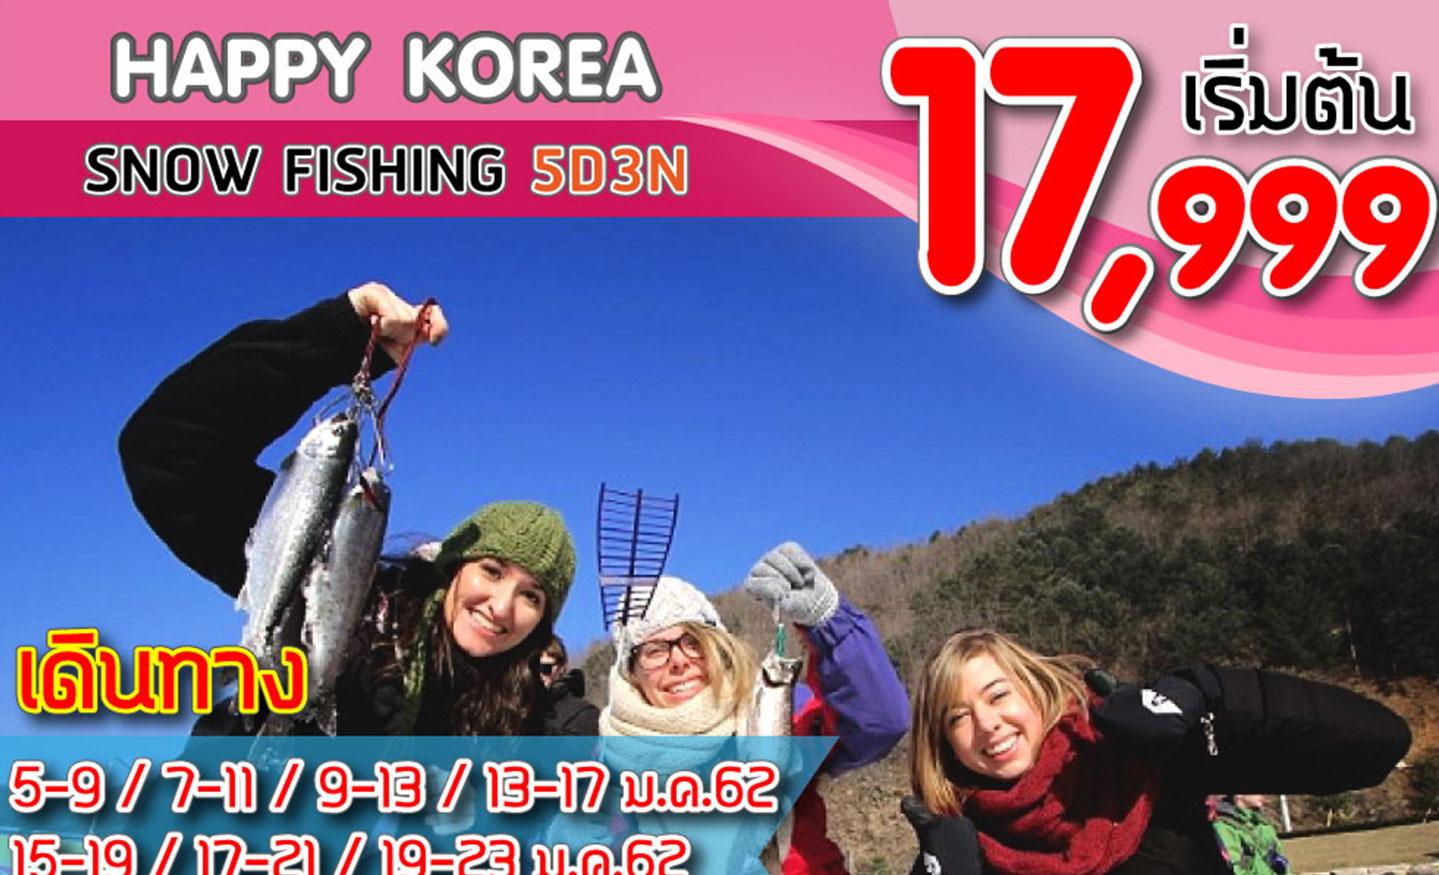 ทัวร์เกาหลี Happy Korea Snow Fishing (ม.ค.62)